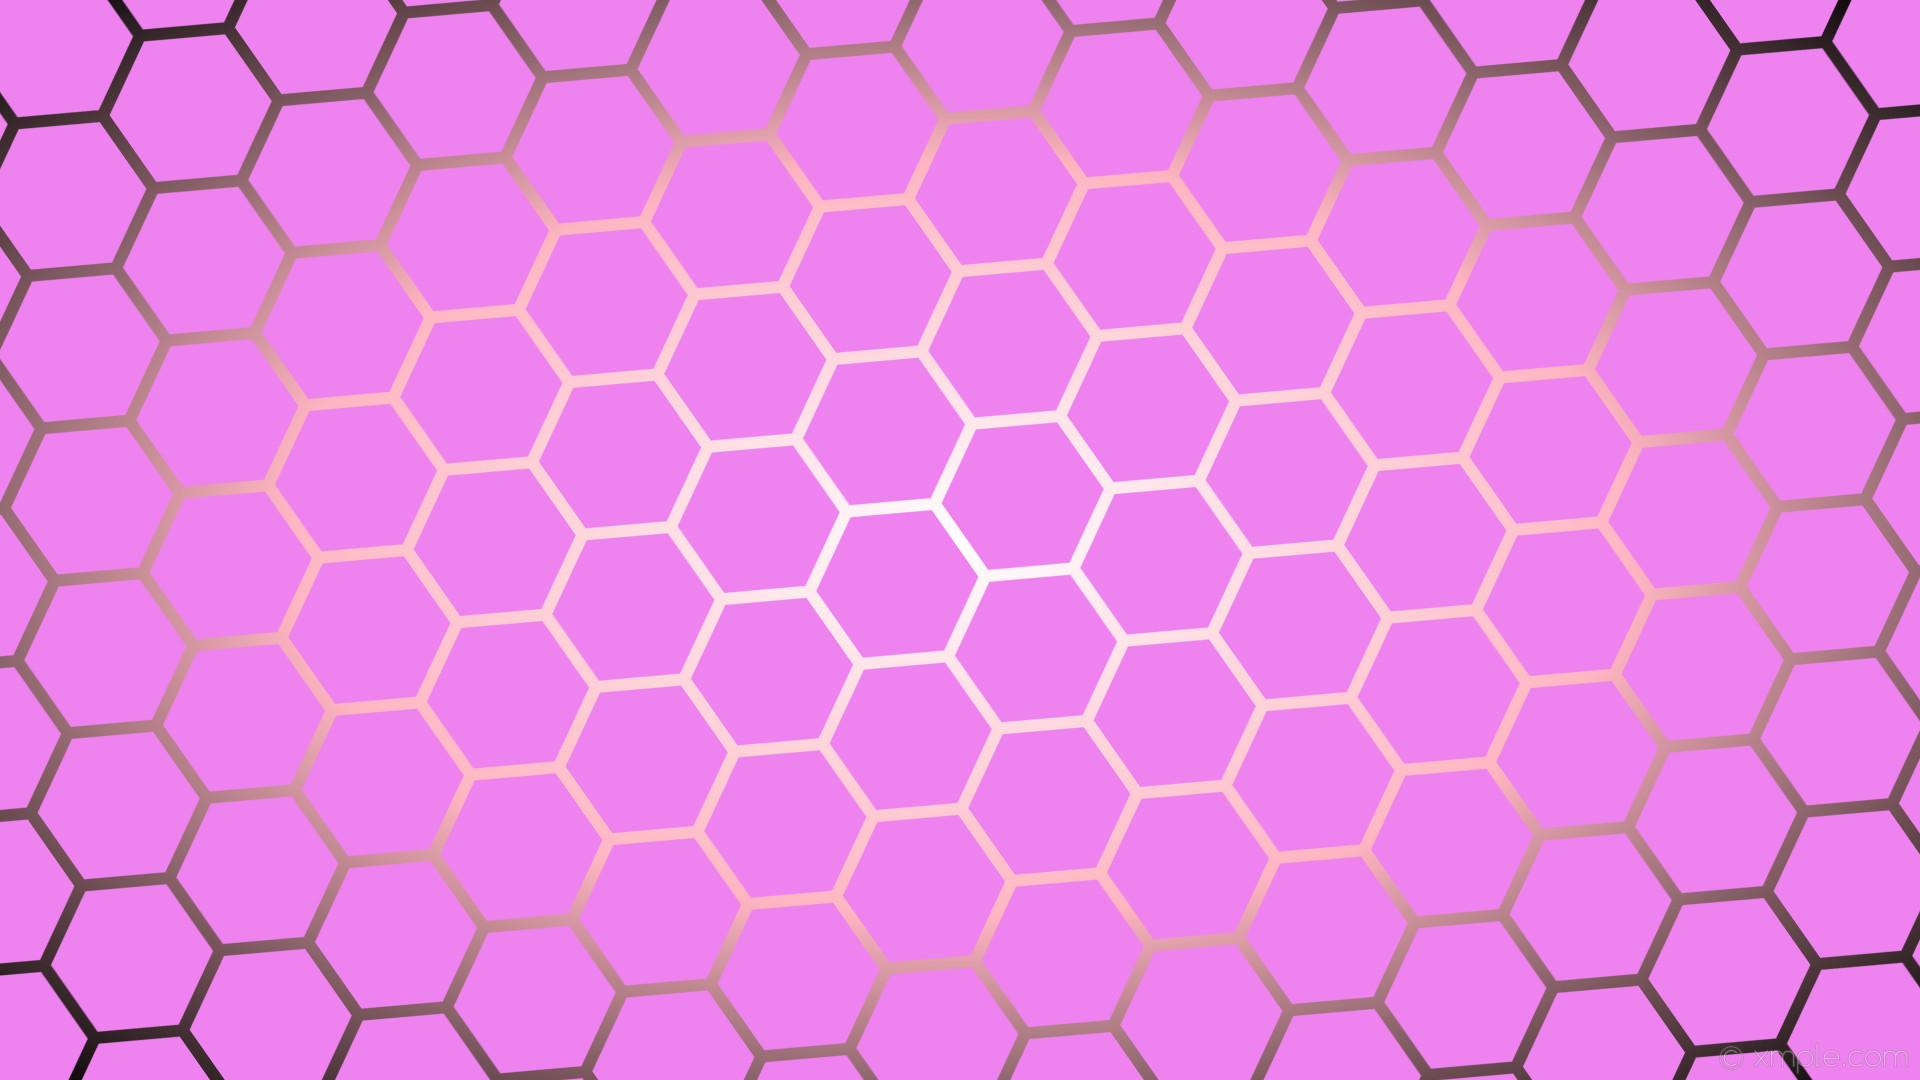 wallpaper purple gradient white glow hexagon black pink violet light pink  #ee82ee #ffffff #